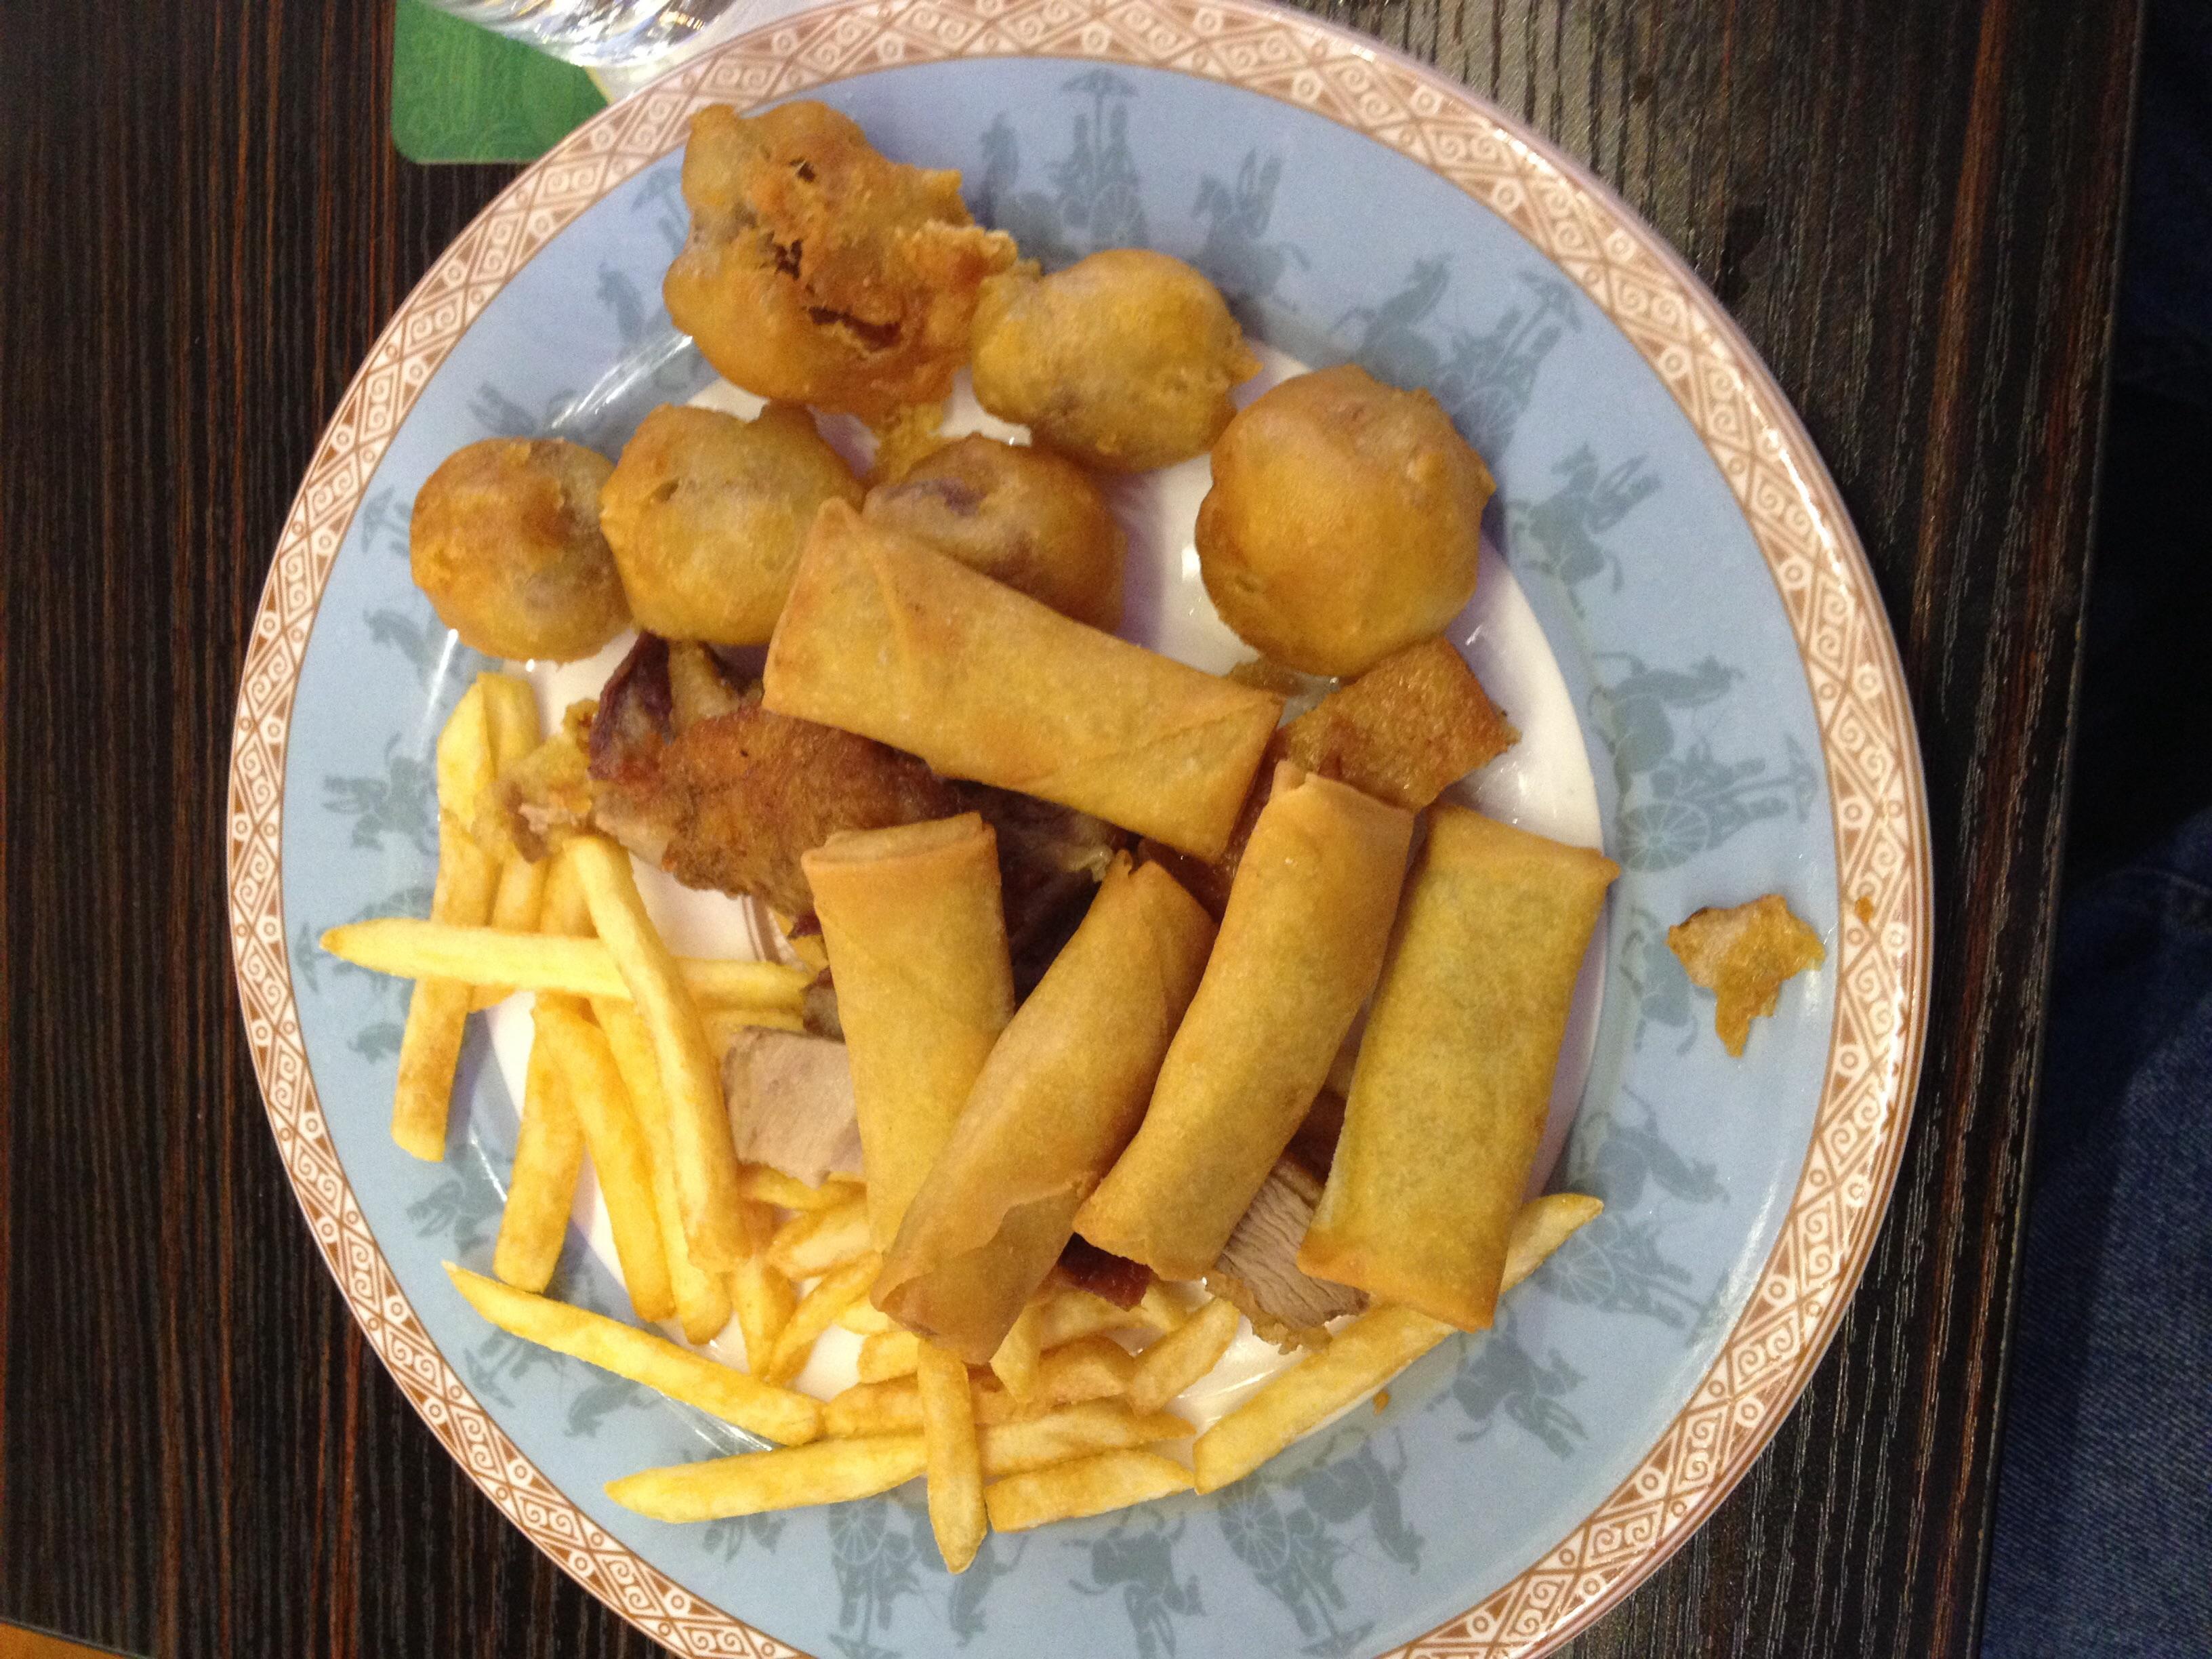 http://foodloader.net/BrollyLSSJ_2015-03-07_Yangtze_-_Buffet_-_Teller_2.jpg